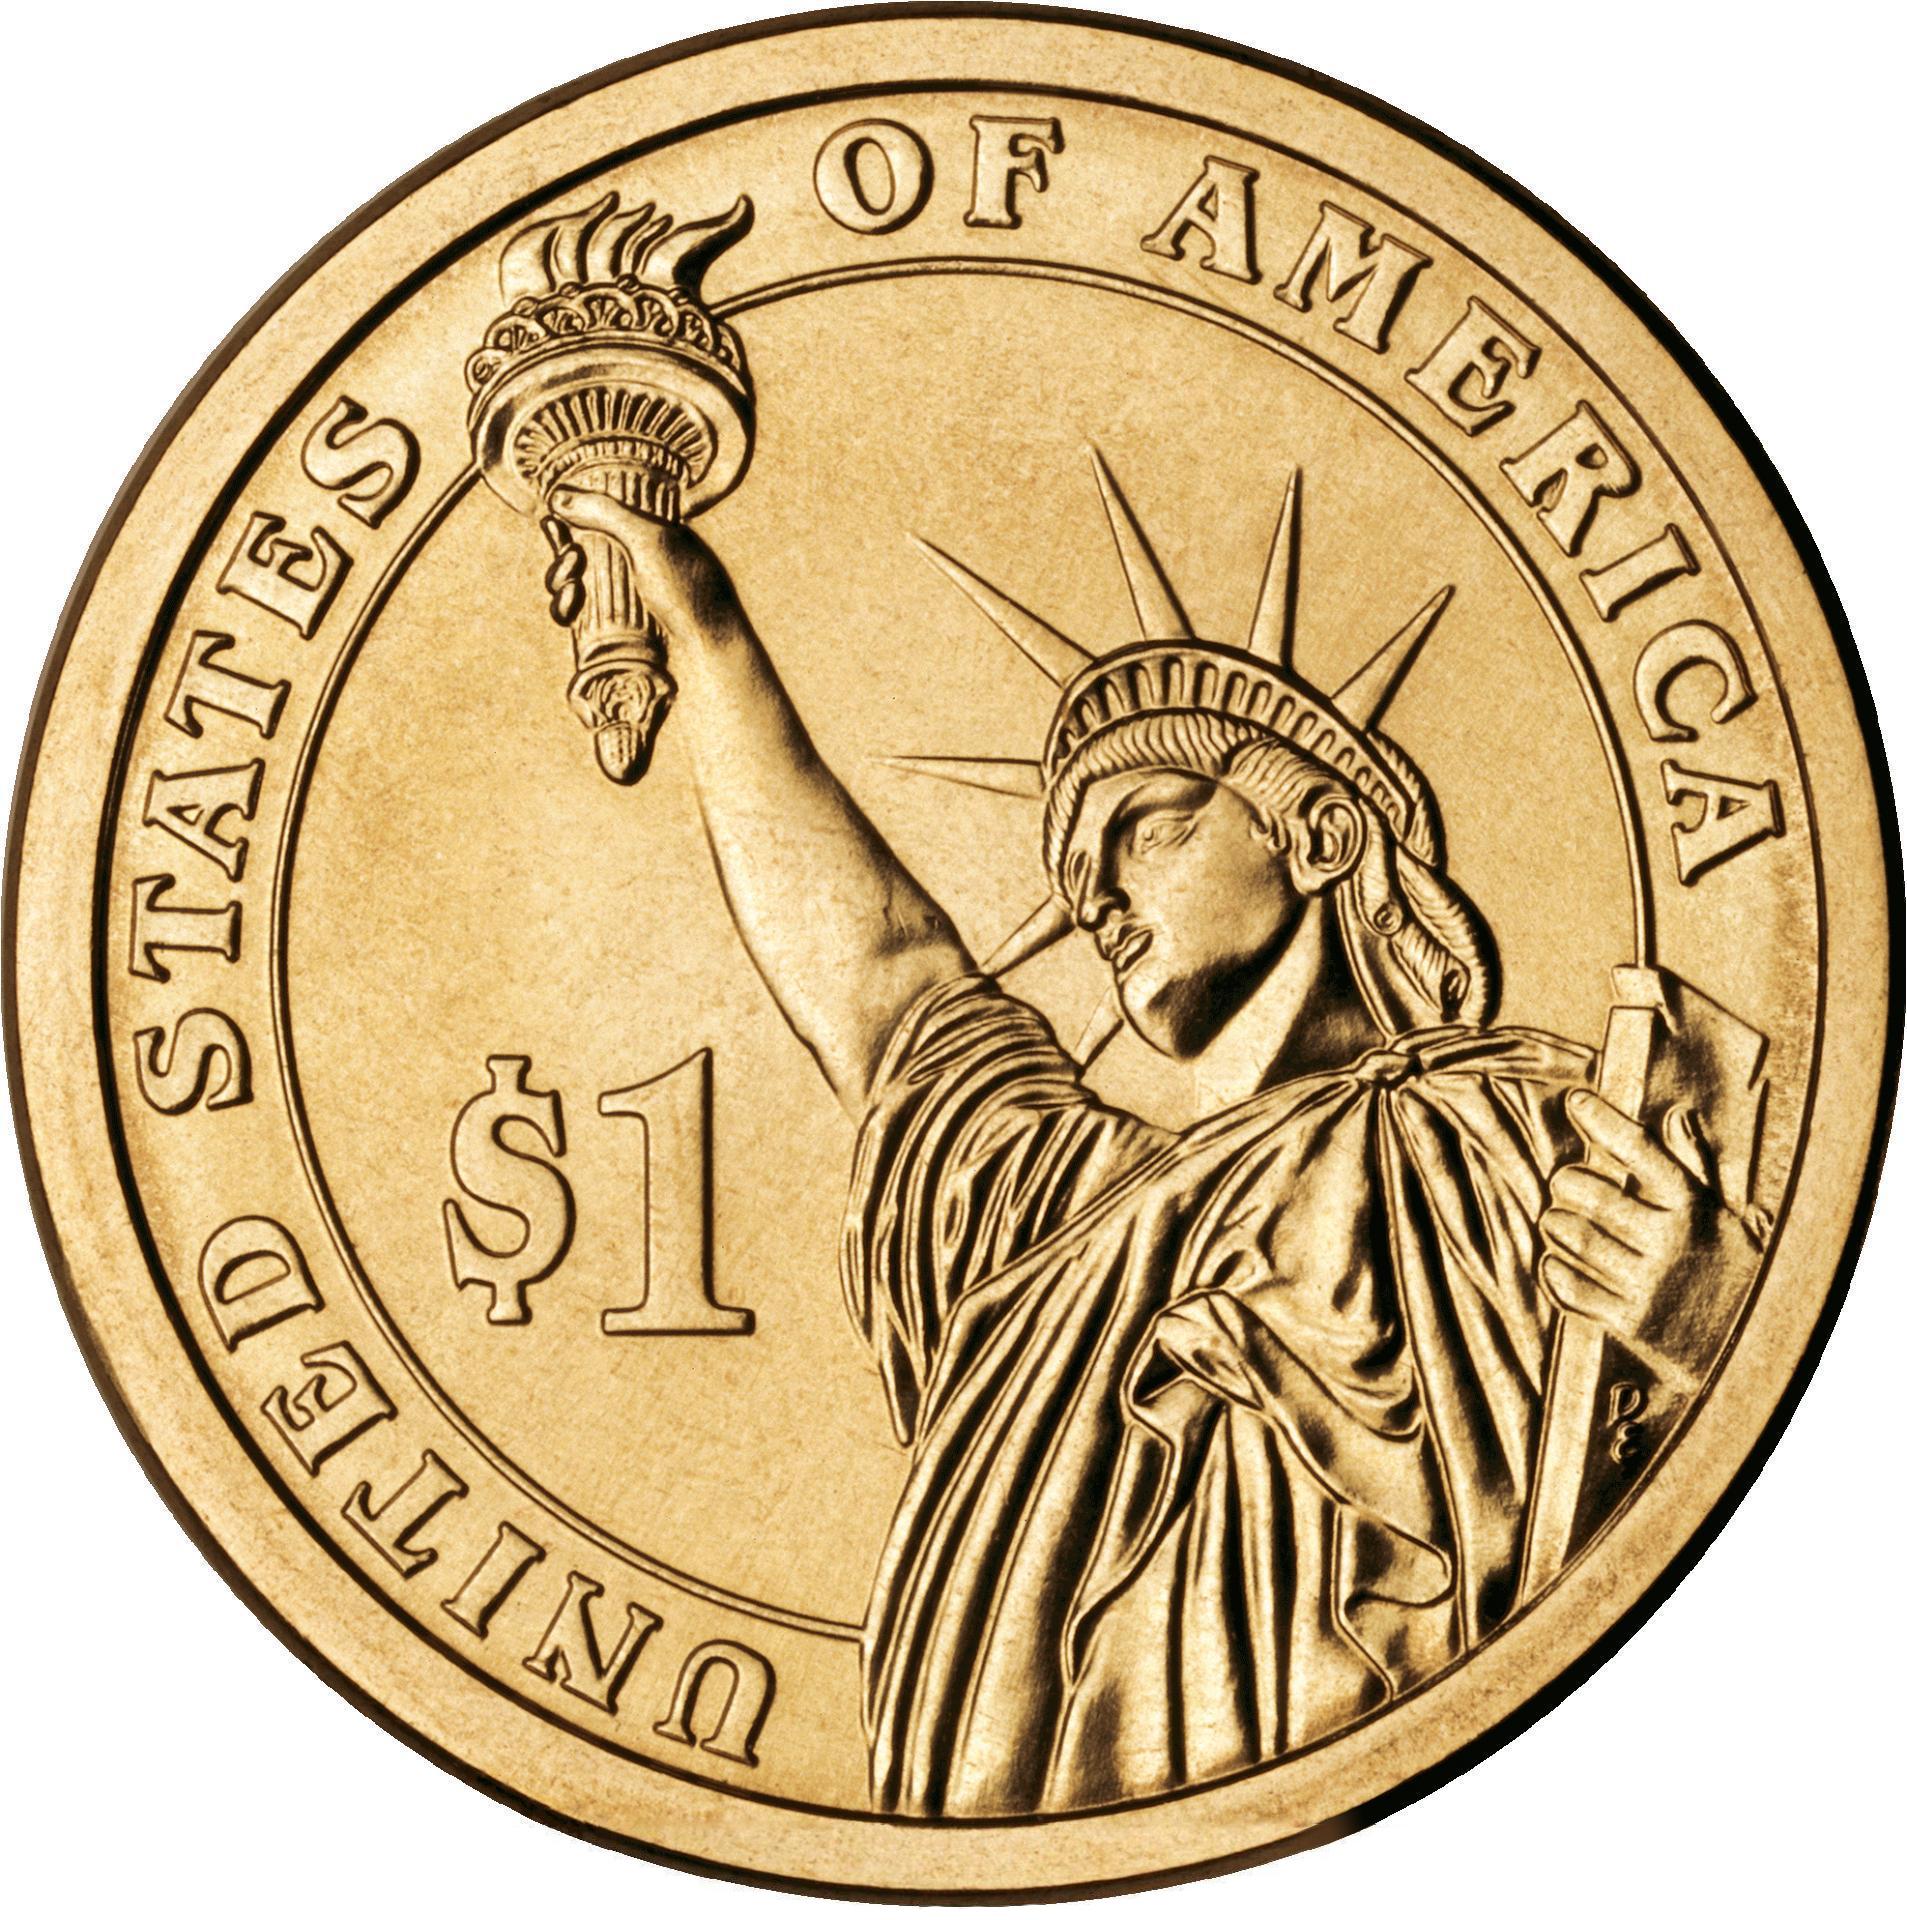 1 доллар Президенты США 40 штук 2007-2020 гг. (двор D)